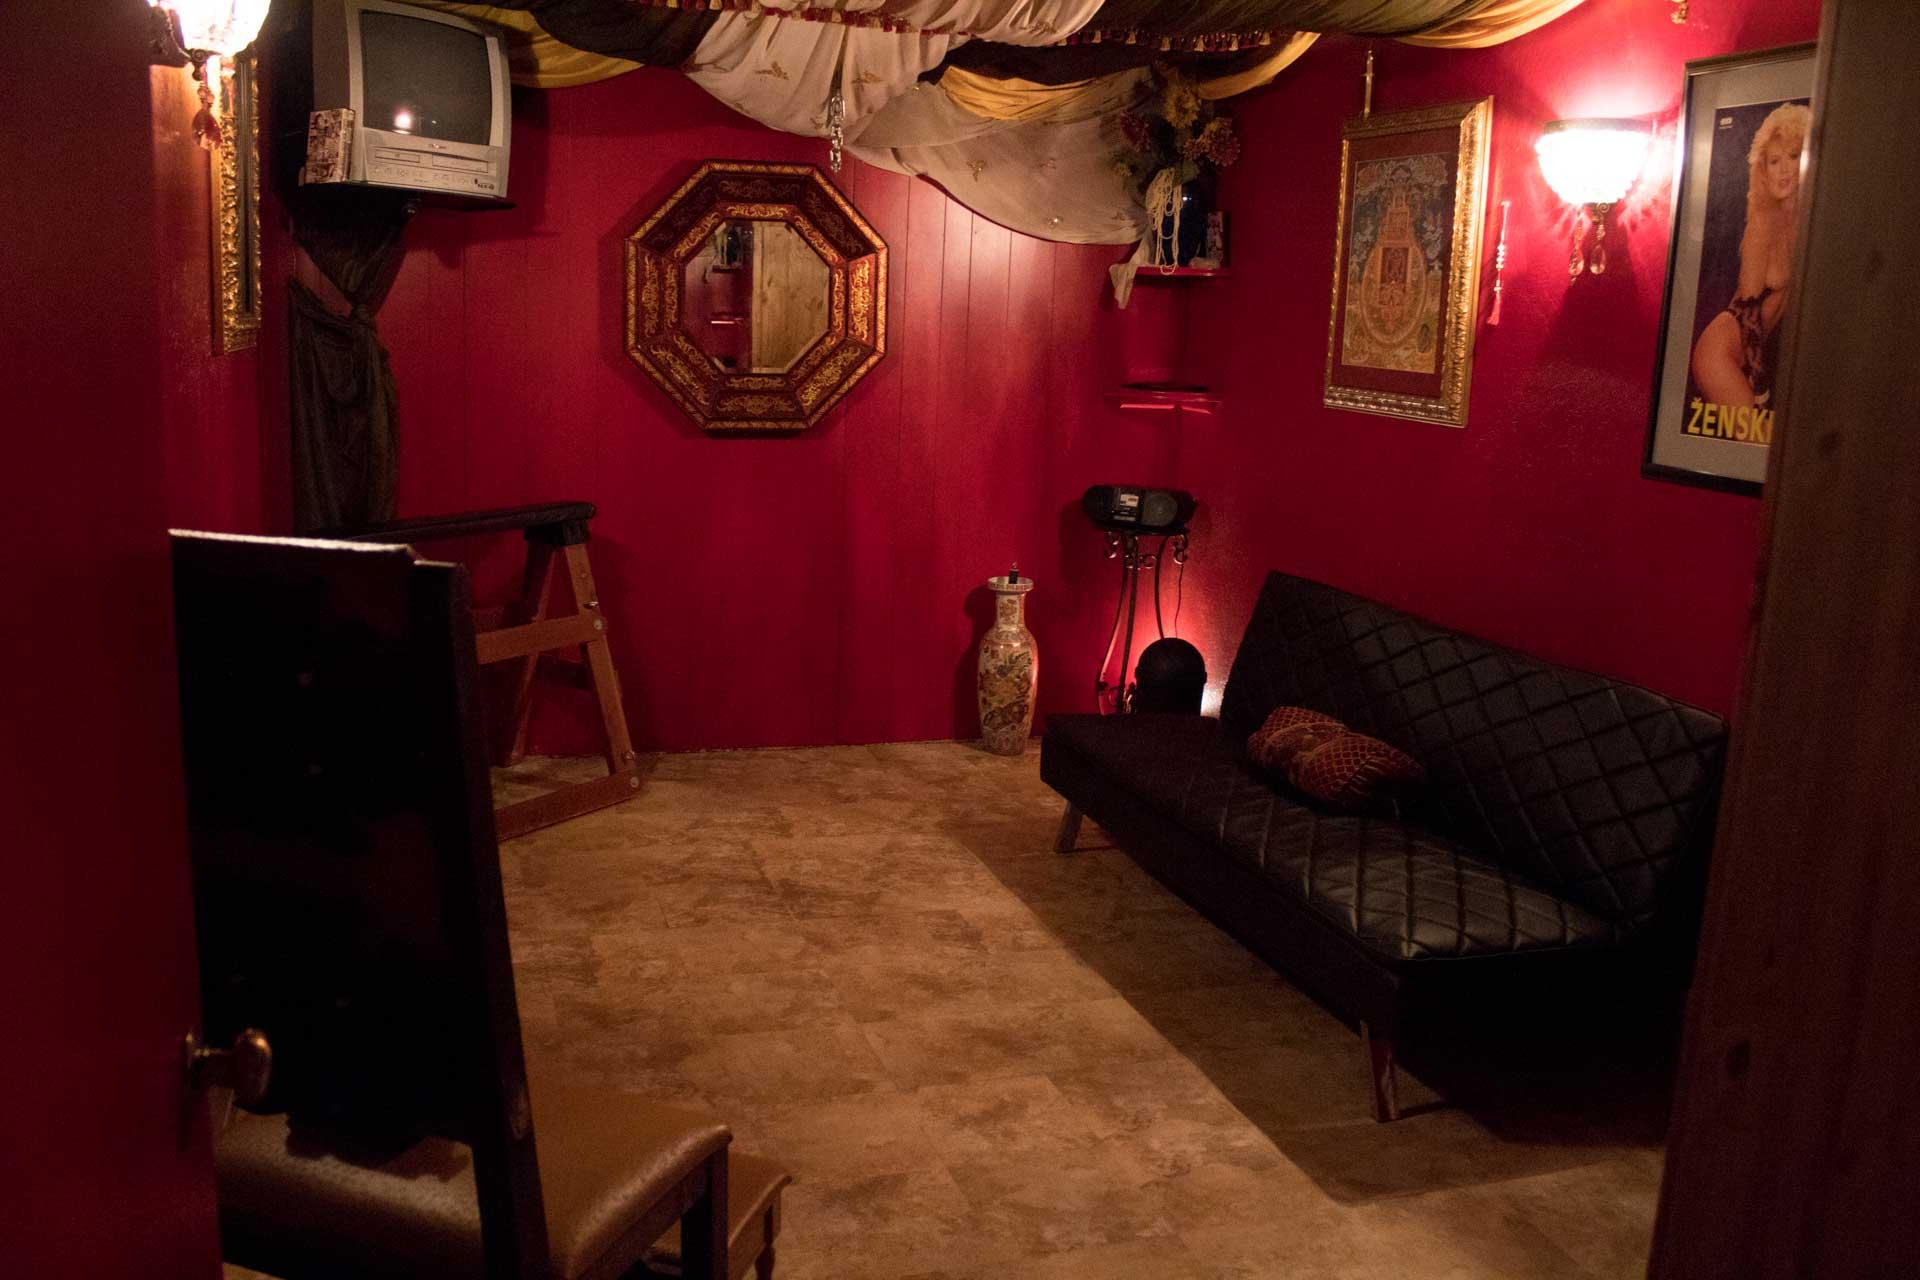 Bdsm Dungeon rent a dungeon - den of indomitus